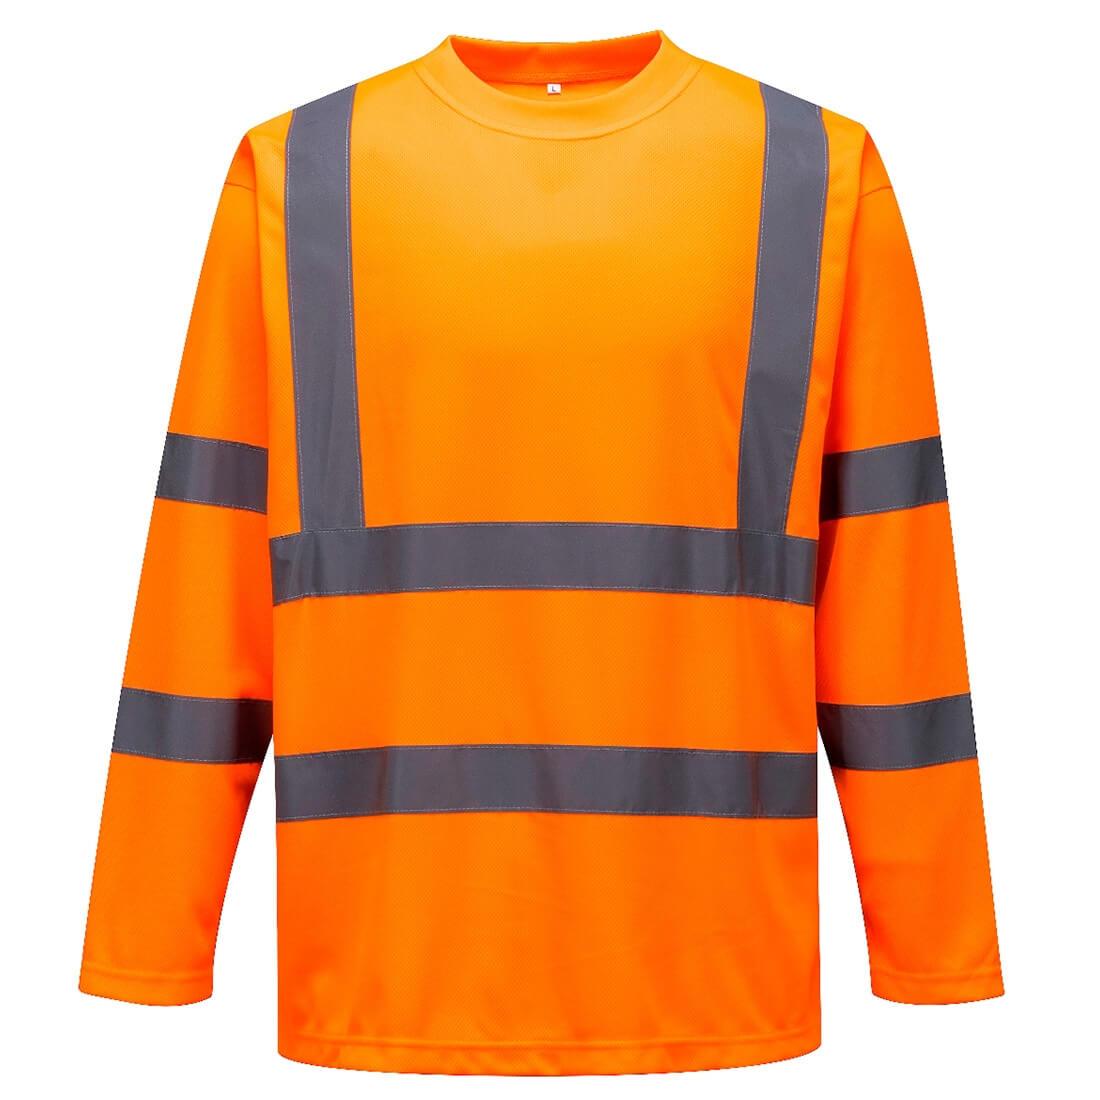 Tricou cu maneci lungi HiVis - Imbracaminte de protectie